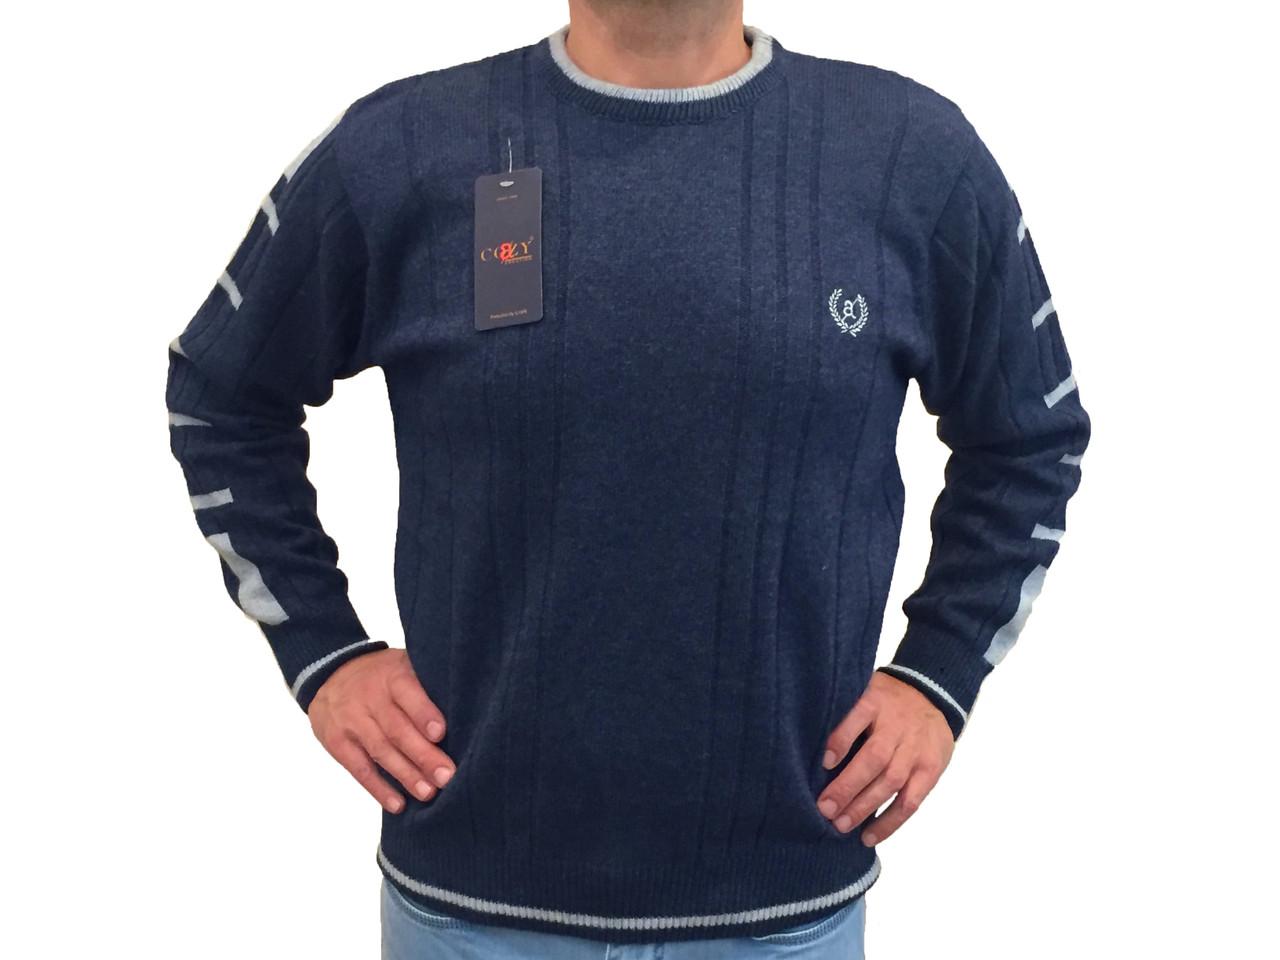 Мужской теплый свитер № 1205 голубой джинс